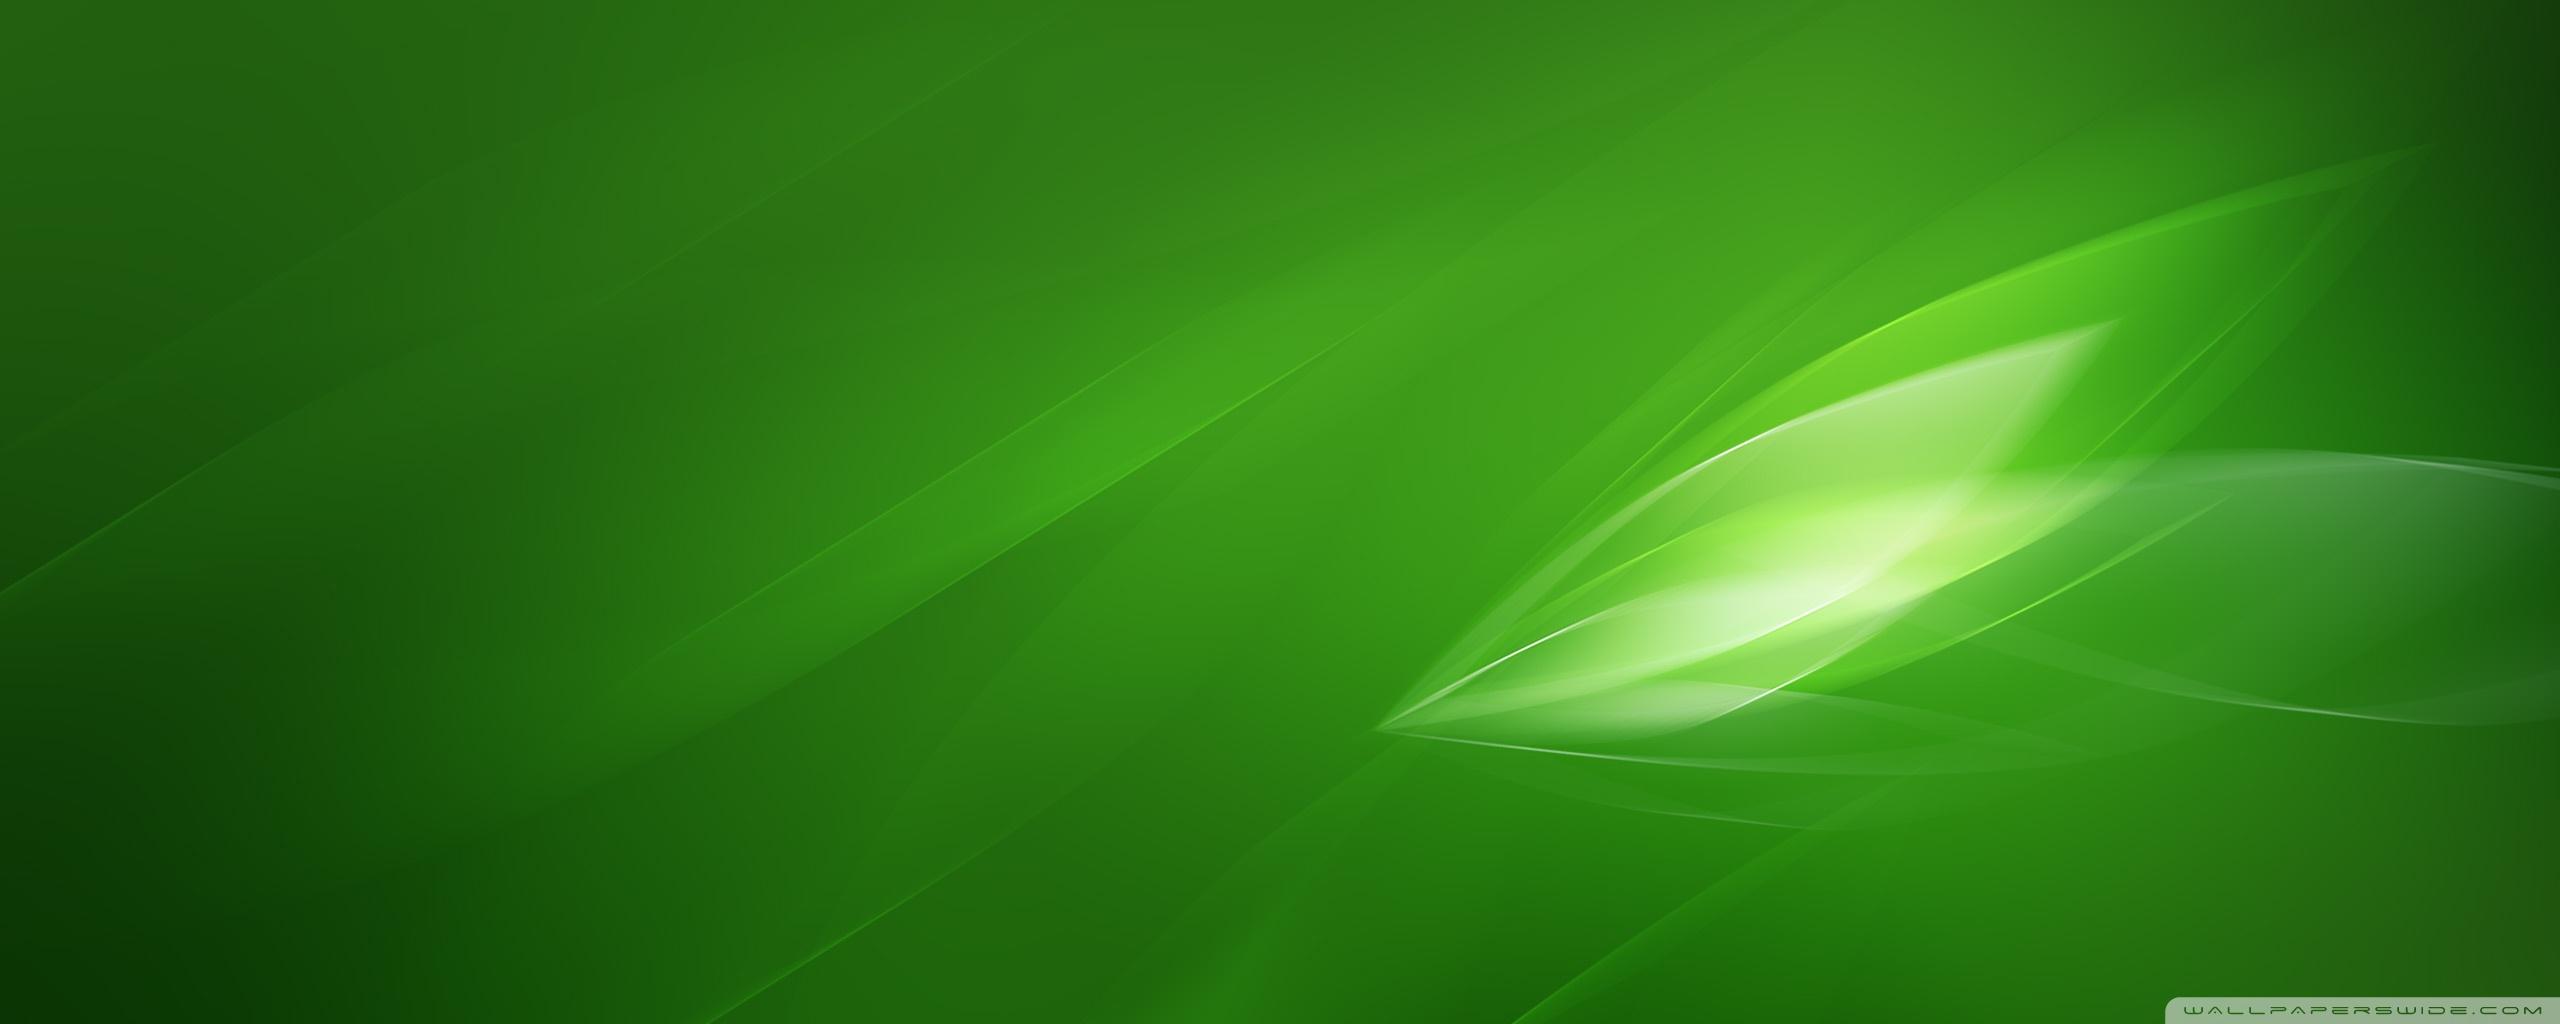 Fresh Colors Green Tea Wallpaper Wallpapersafari